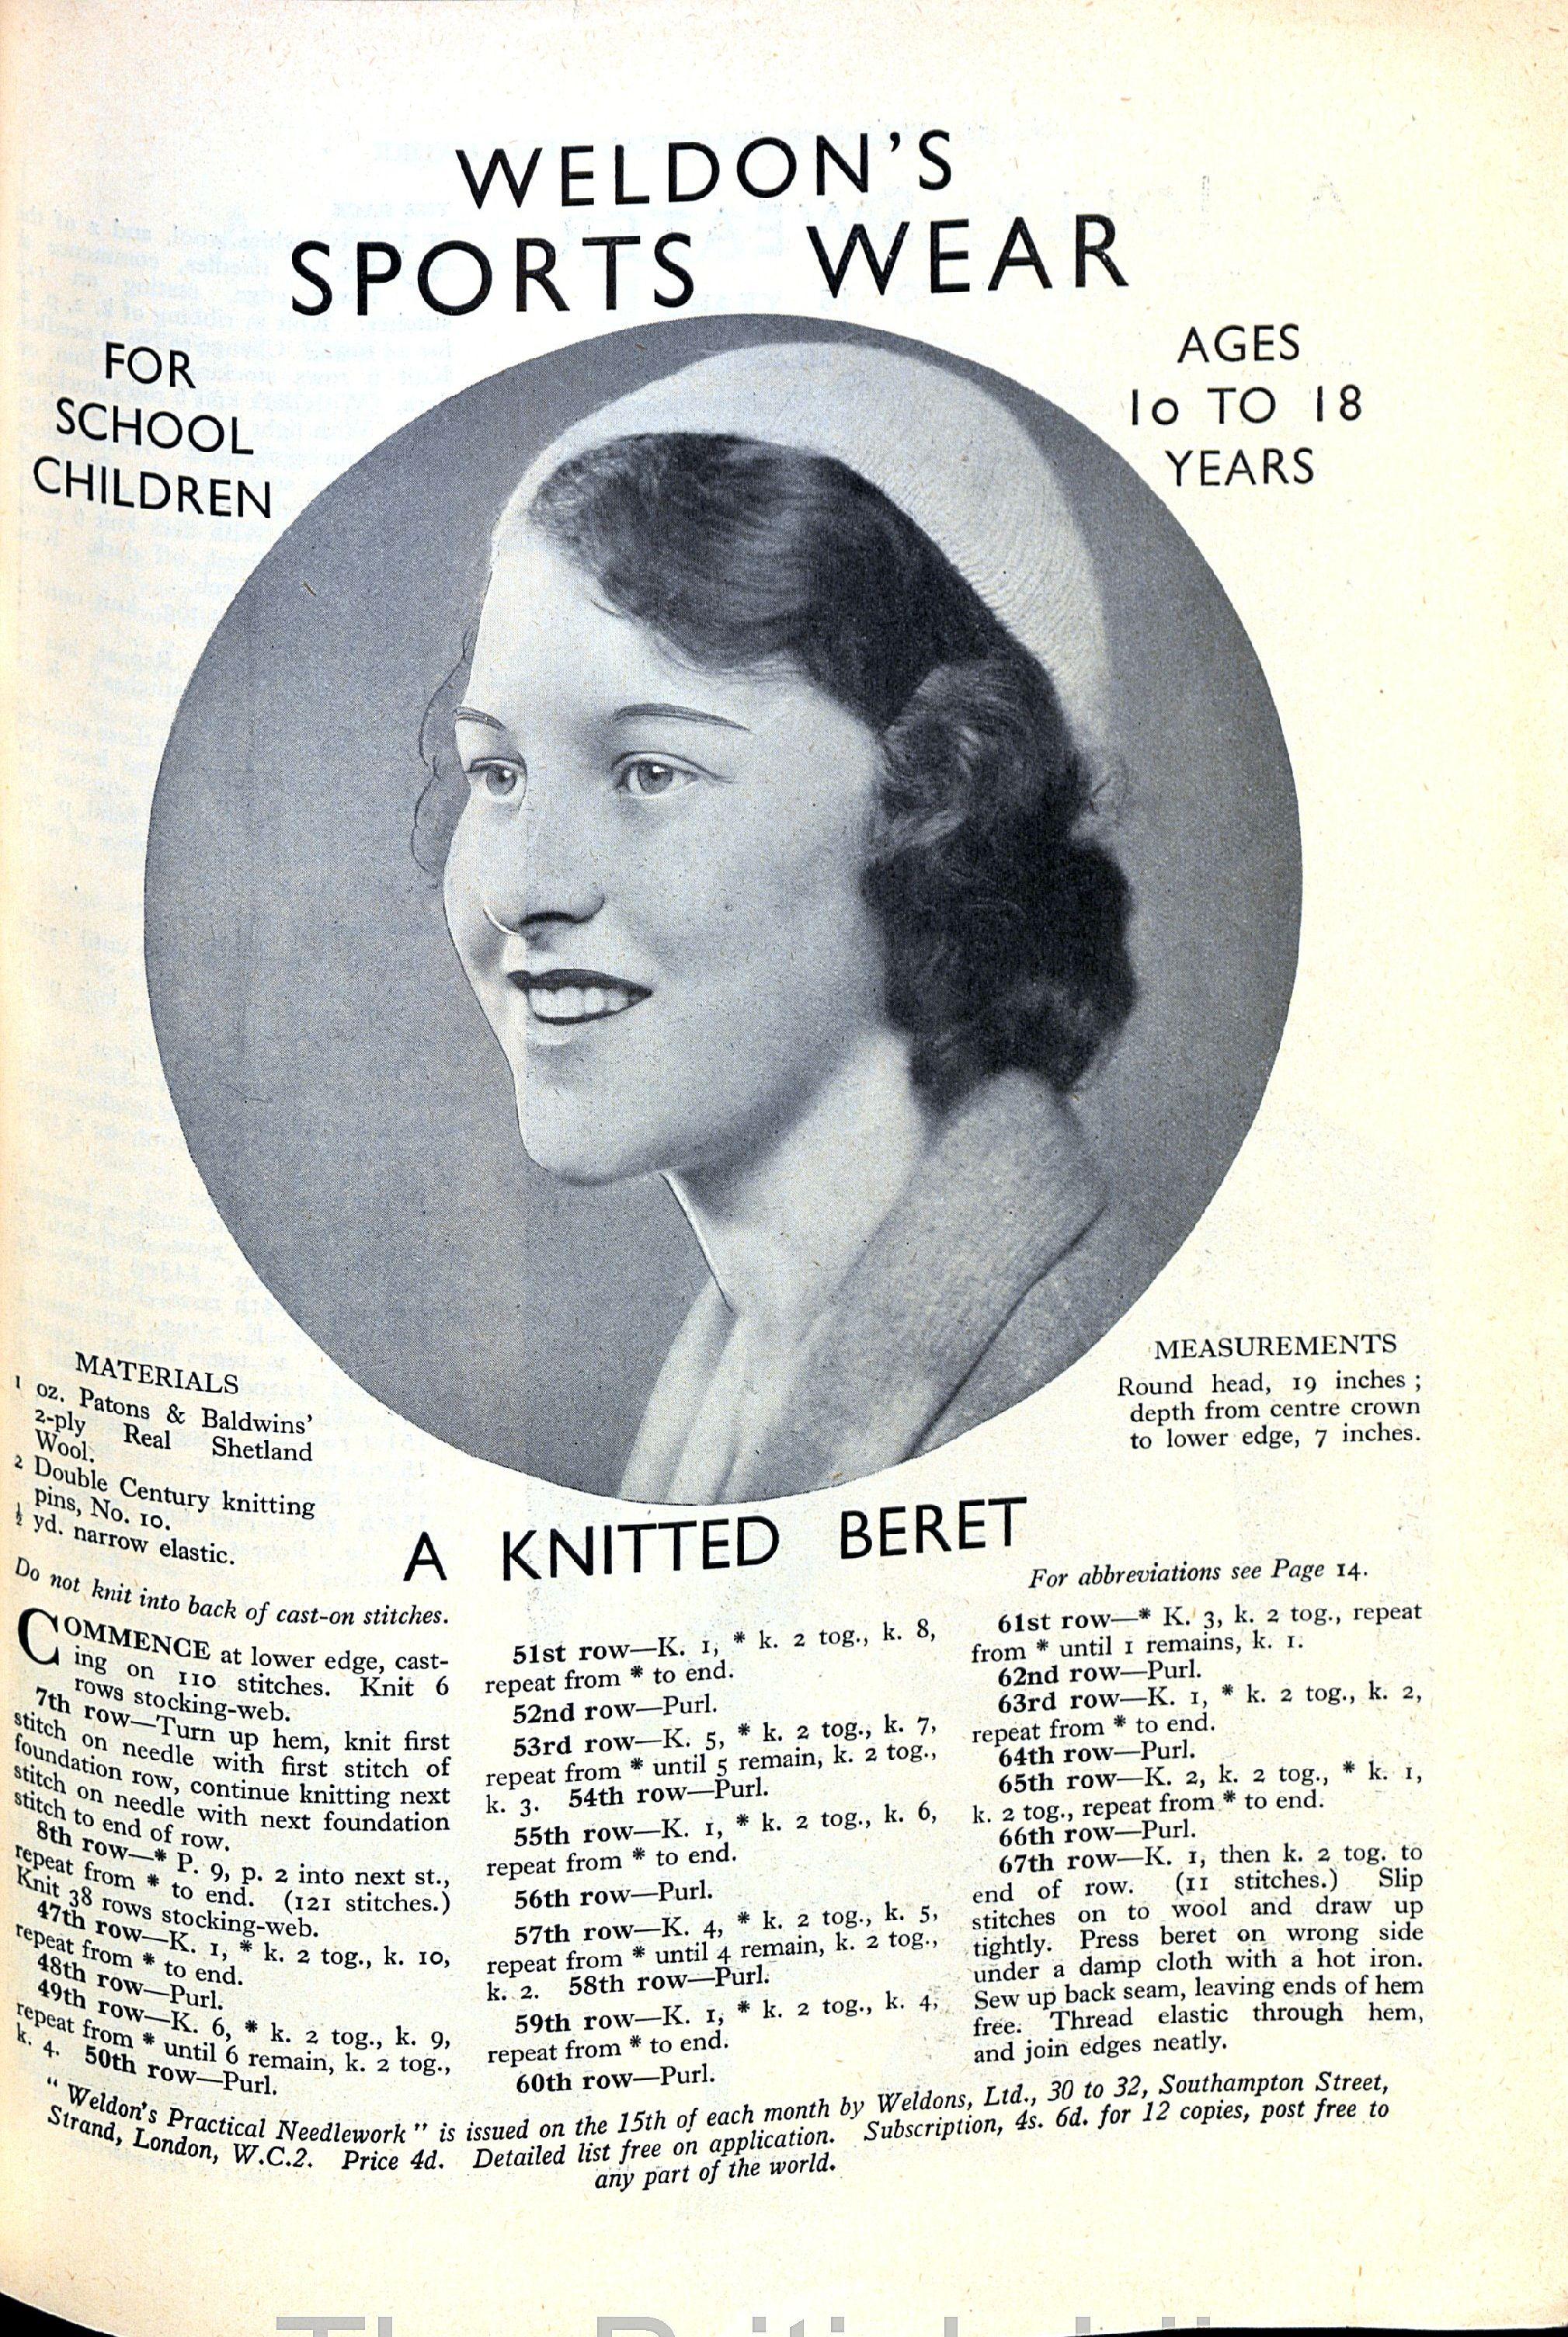 1929 Weldon\'s sports wear : Knitted beret | Vintage Knit | Pinterest ...